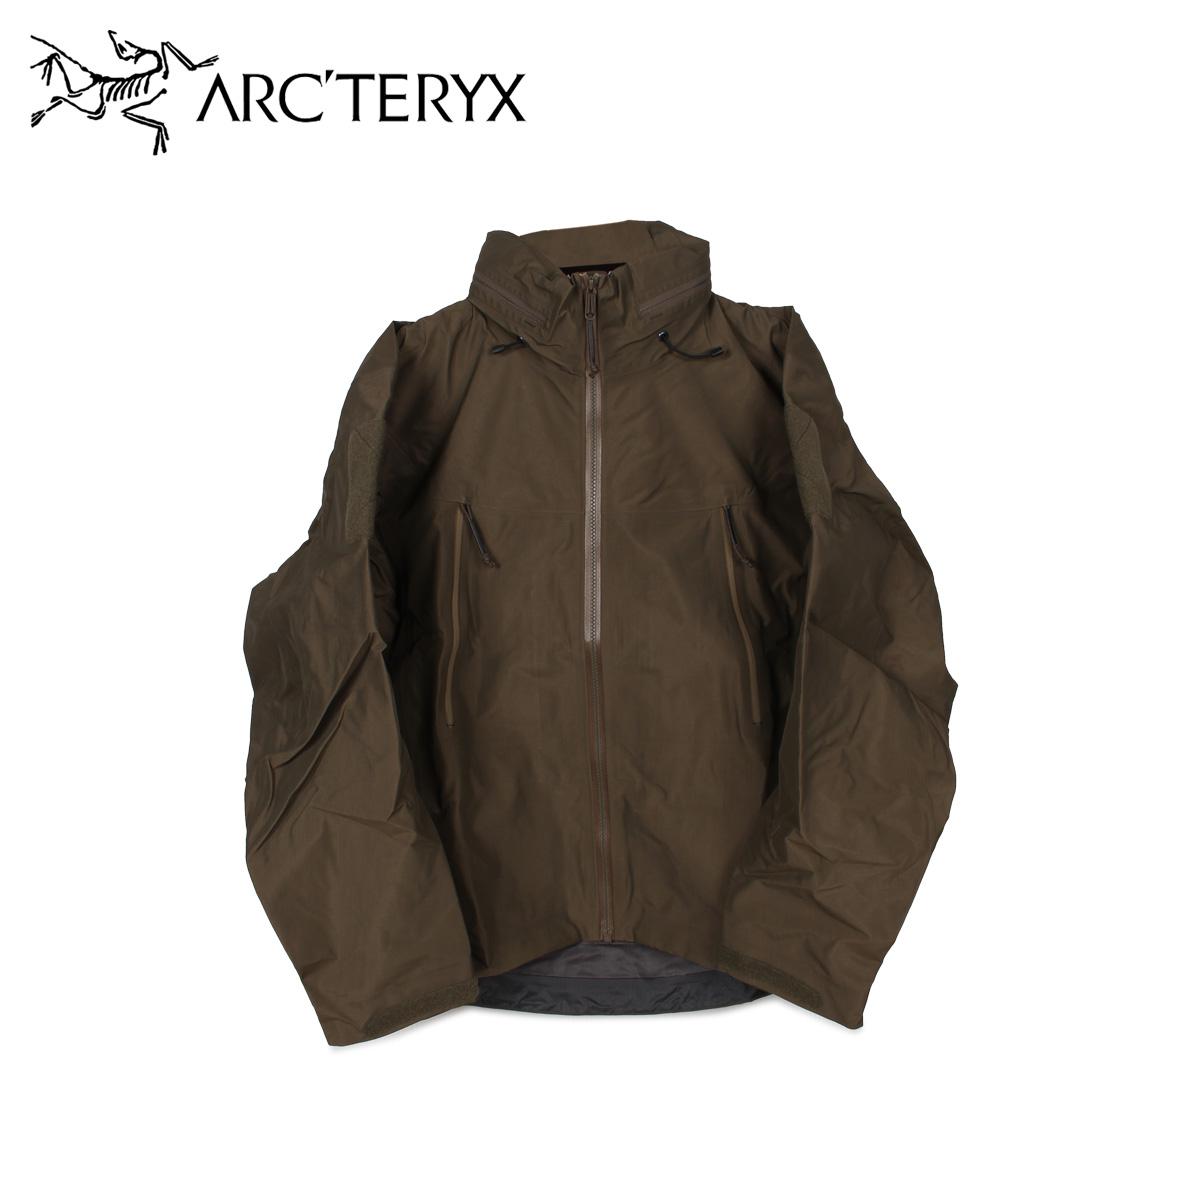 アークテリクス リーフ ARCTERYX LEAF ジャケット マウンテンパーカー アルファ メンズ ALPHA JACKET MENS GEN2 グリーン 18863